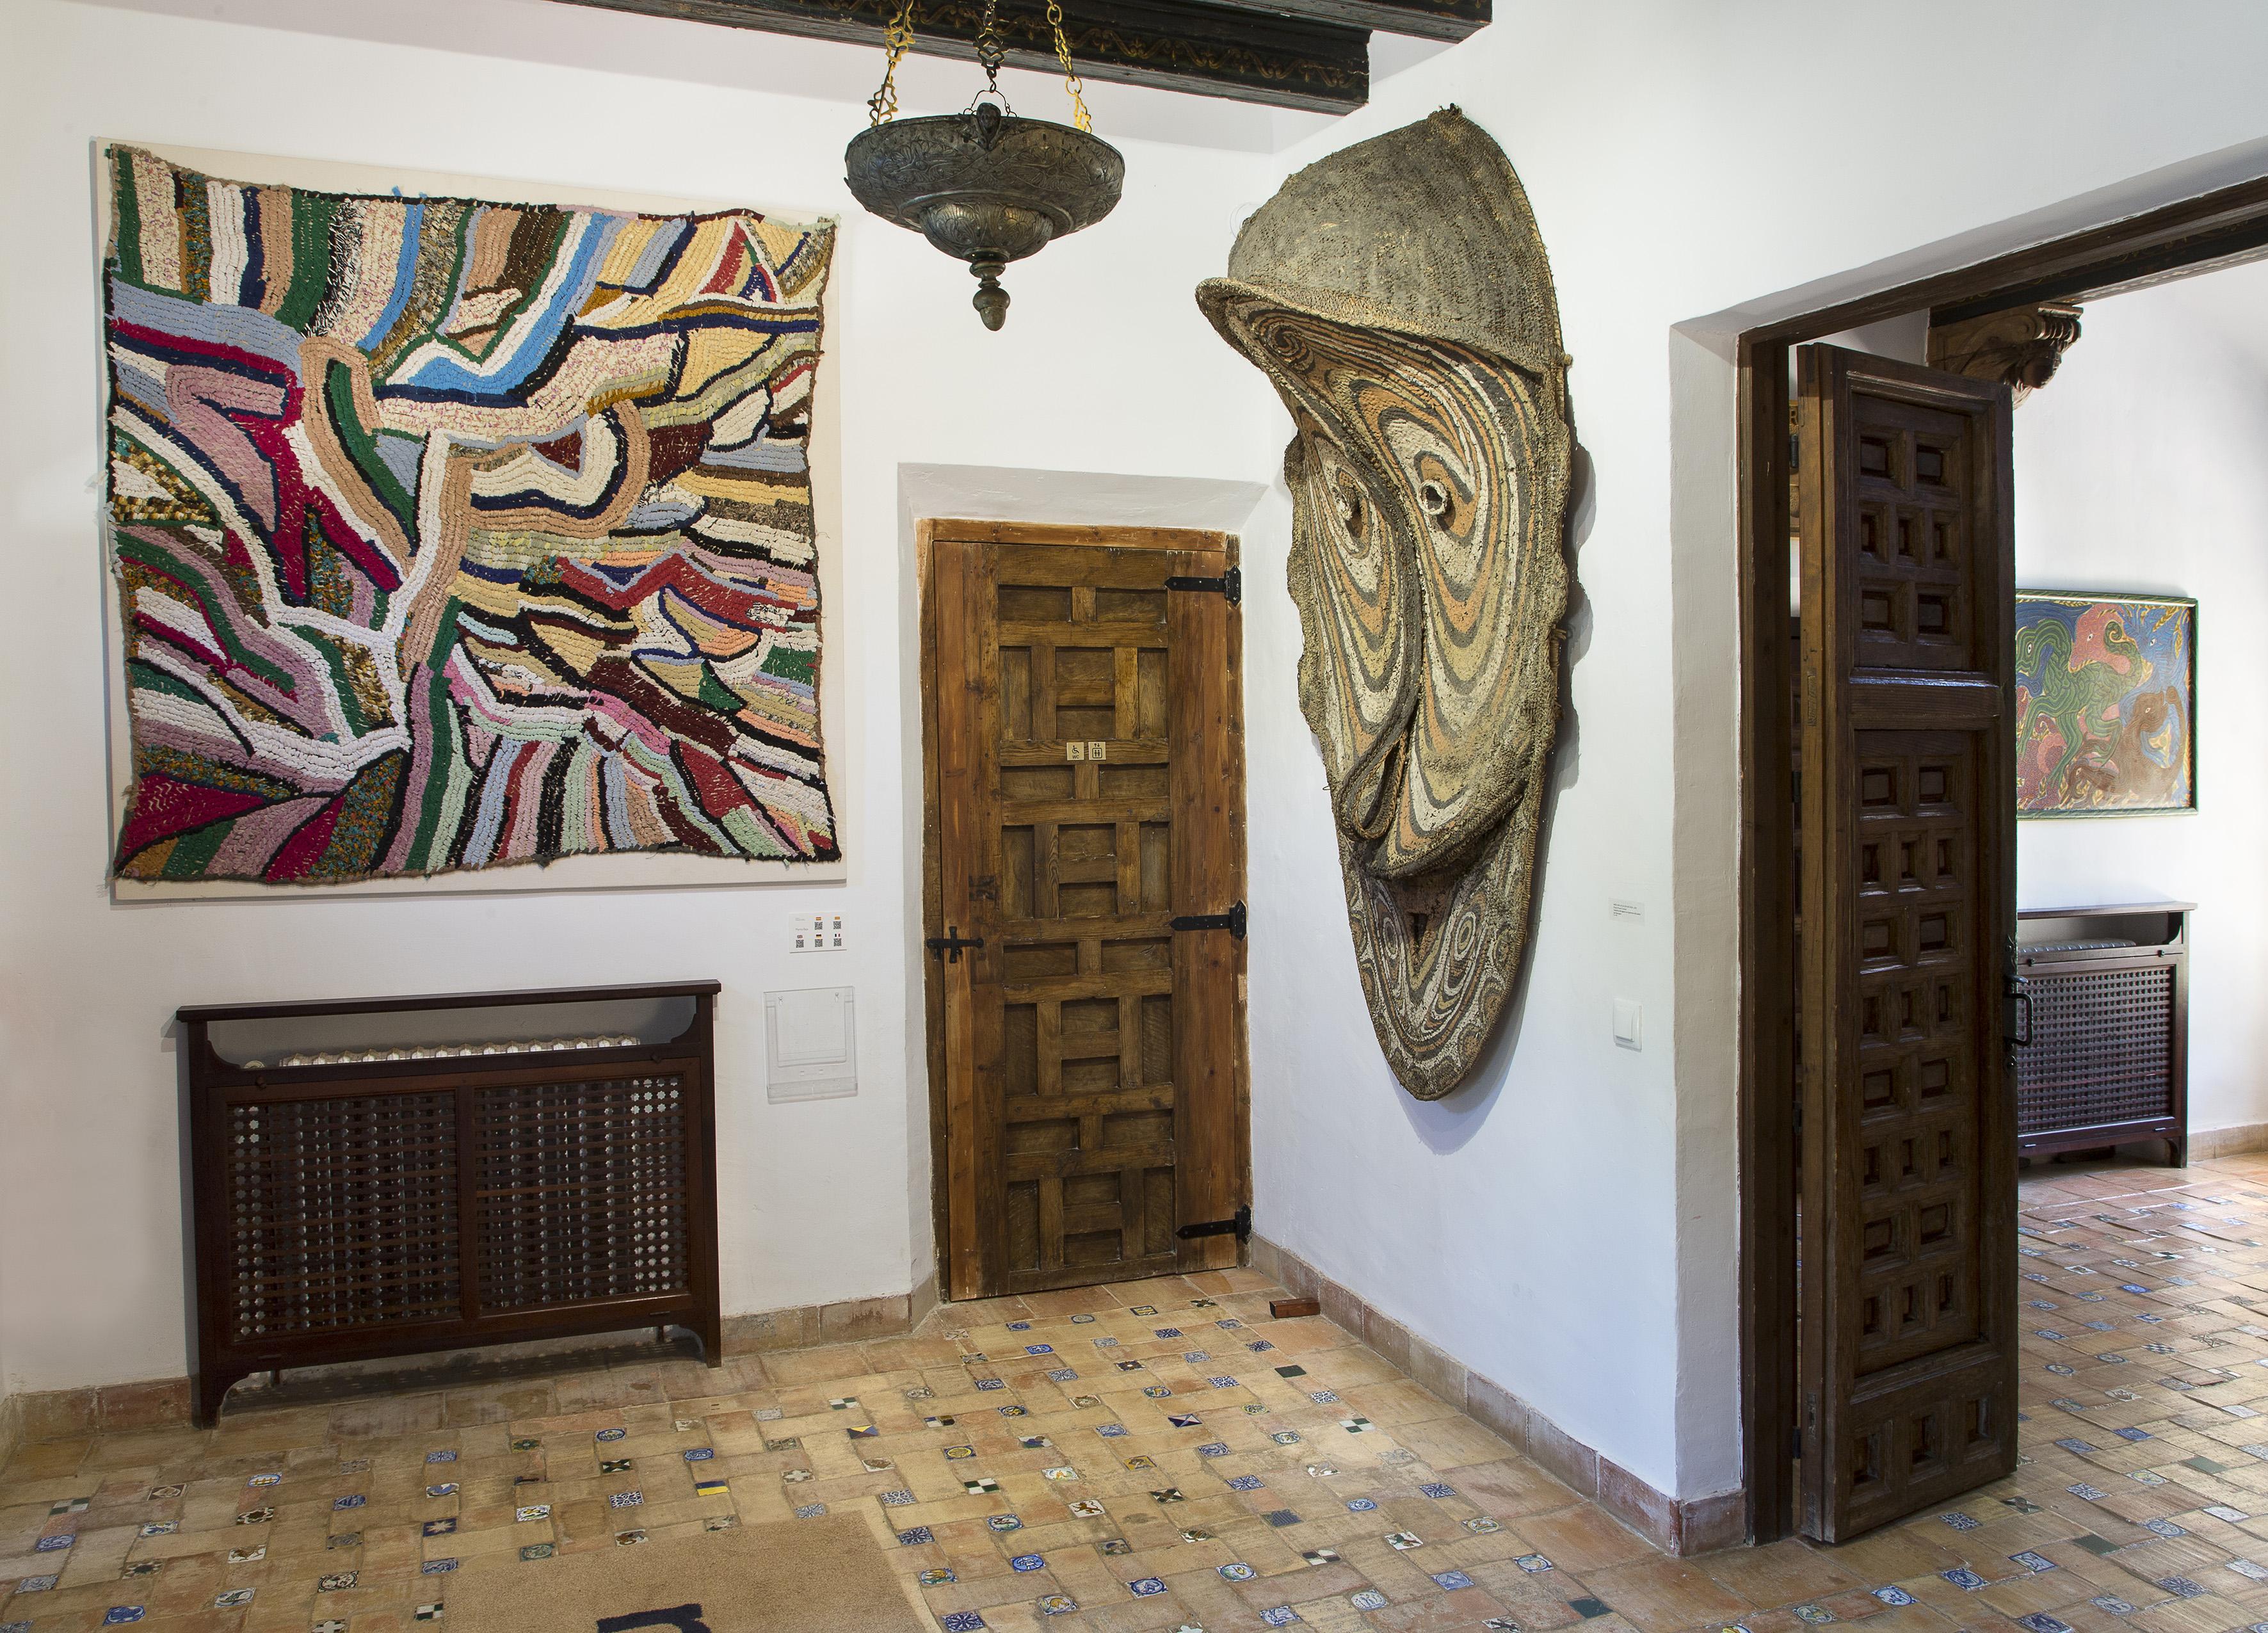 Hassan Fathy Gebäude Innenansichten: Eingang 2: Werke aus Papua-Neuguinea, Ozeanien © Fundacion Yannick y Ben Jakober